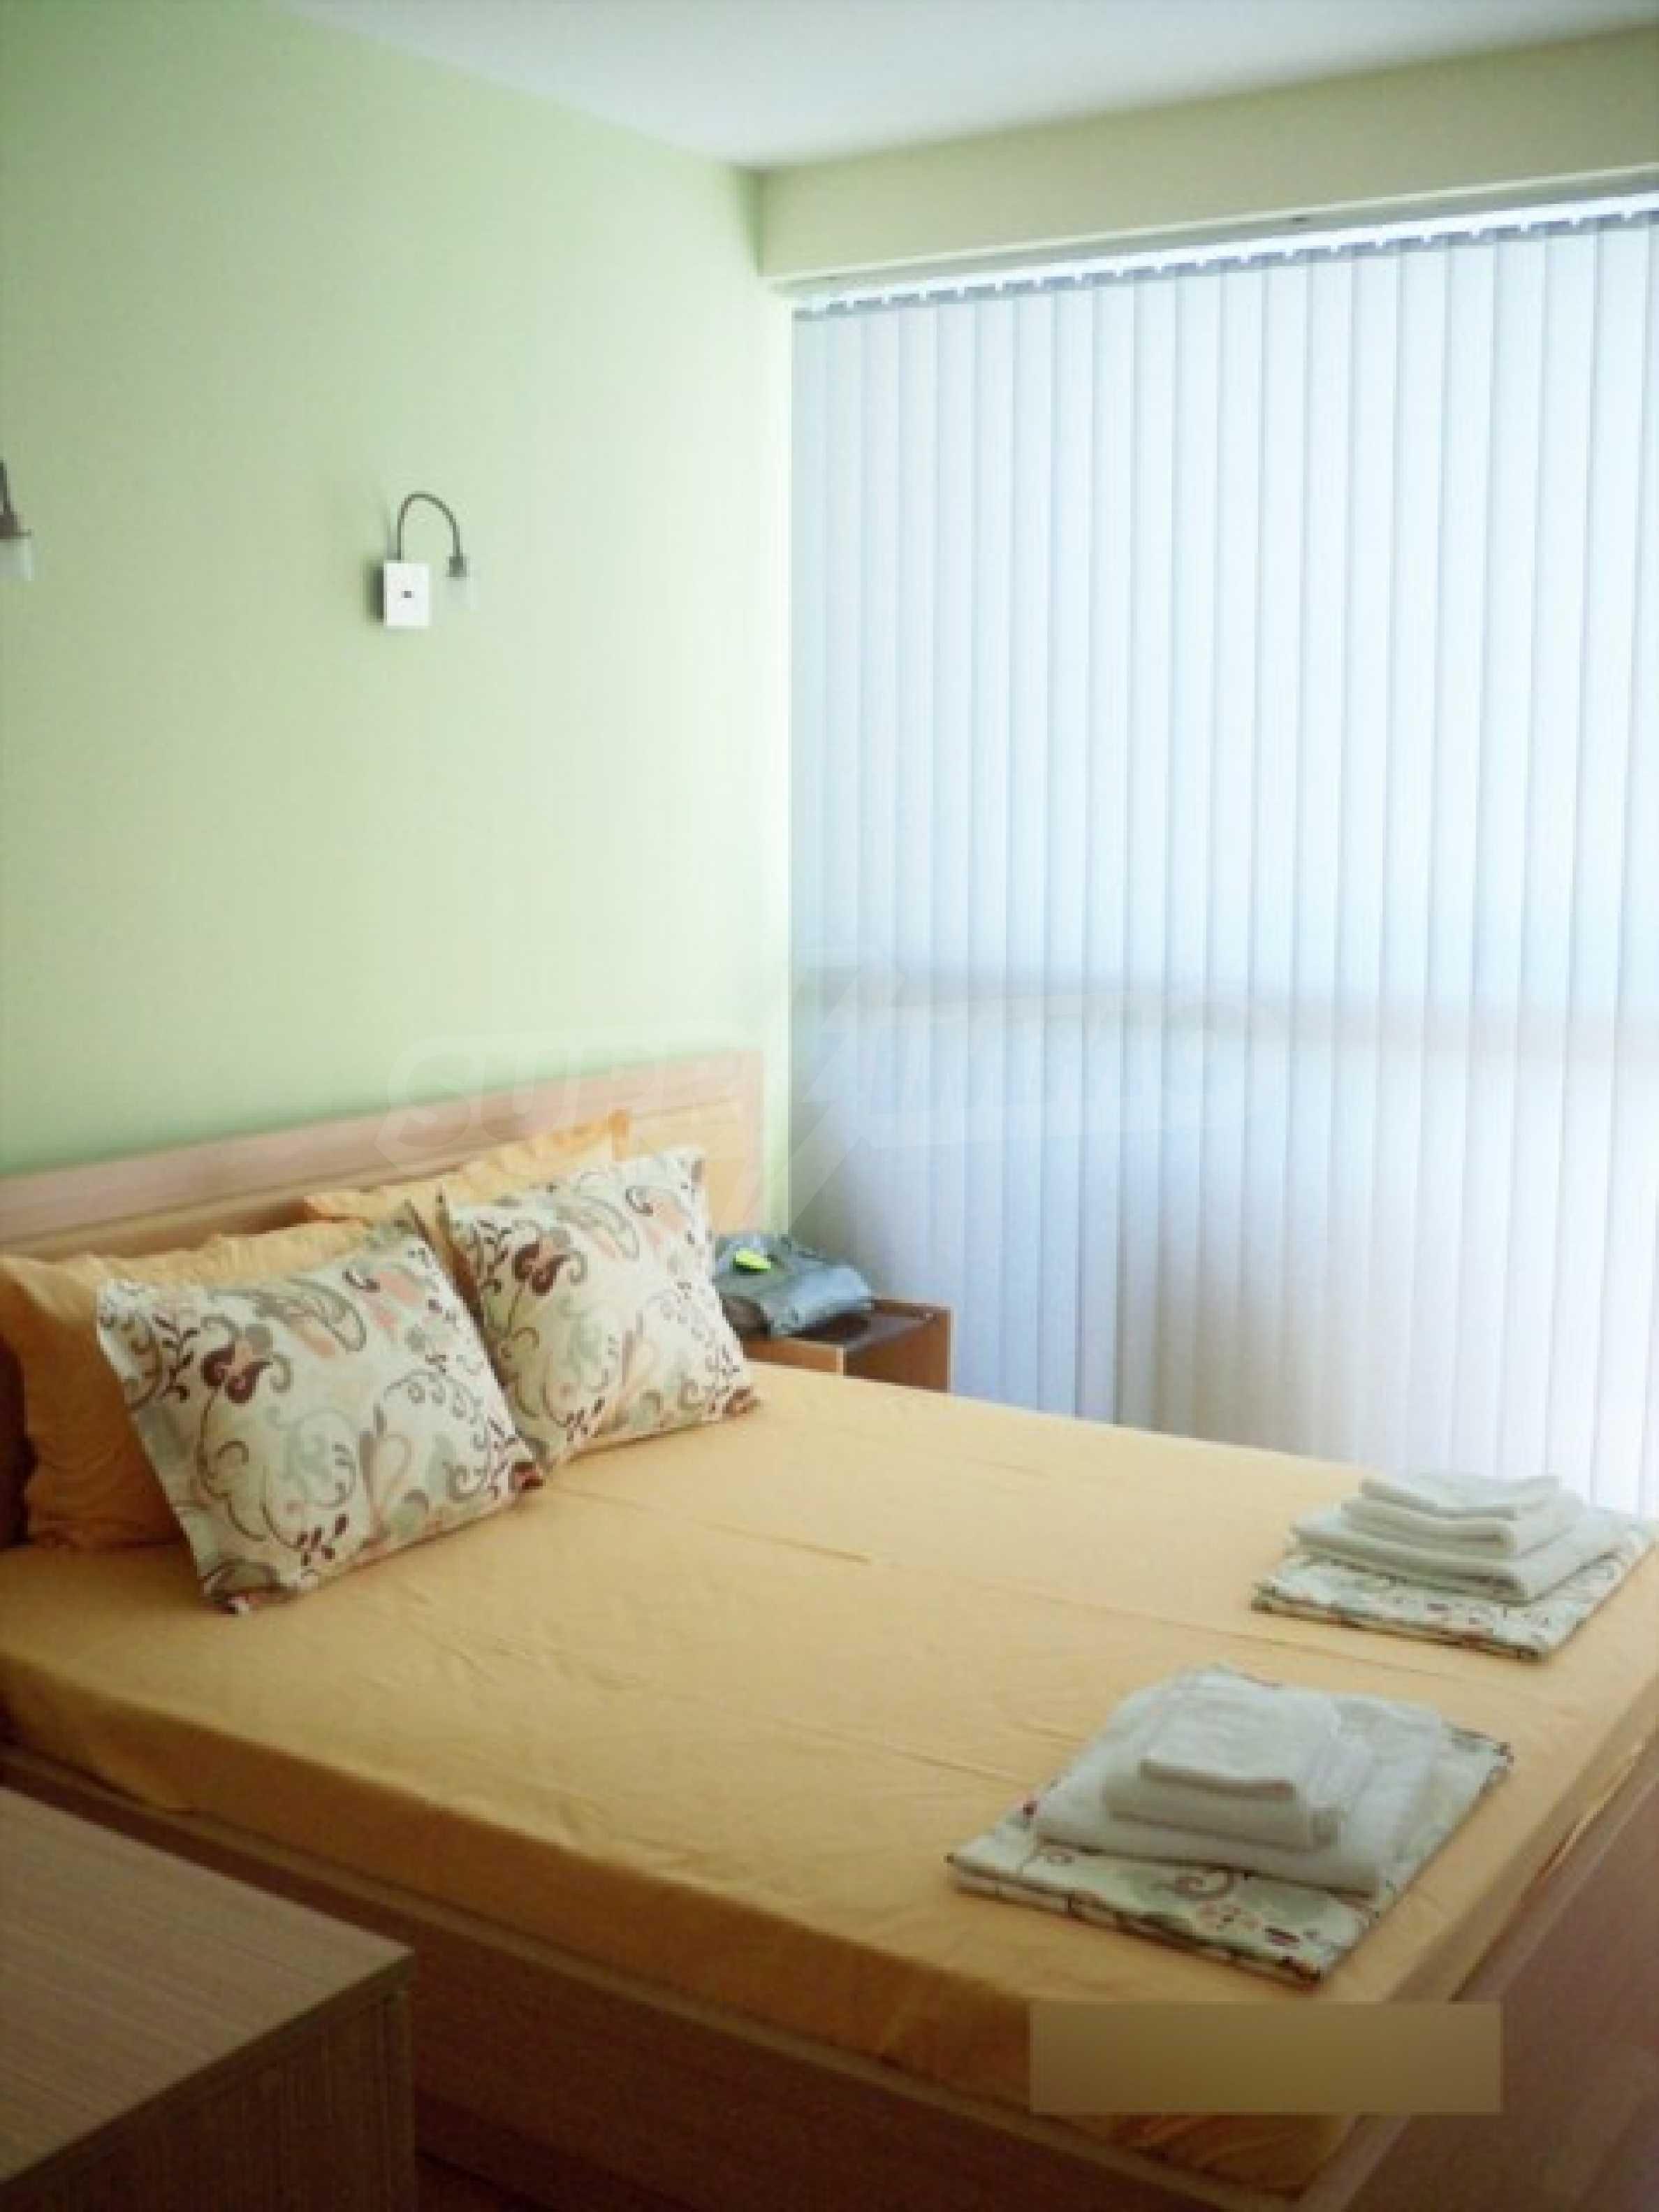 Zwei-Zimmer-Wohnung zum Verkauf in Pomorie 14